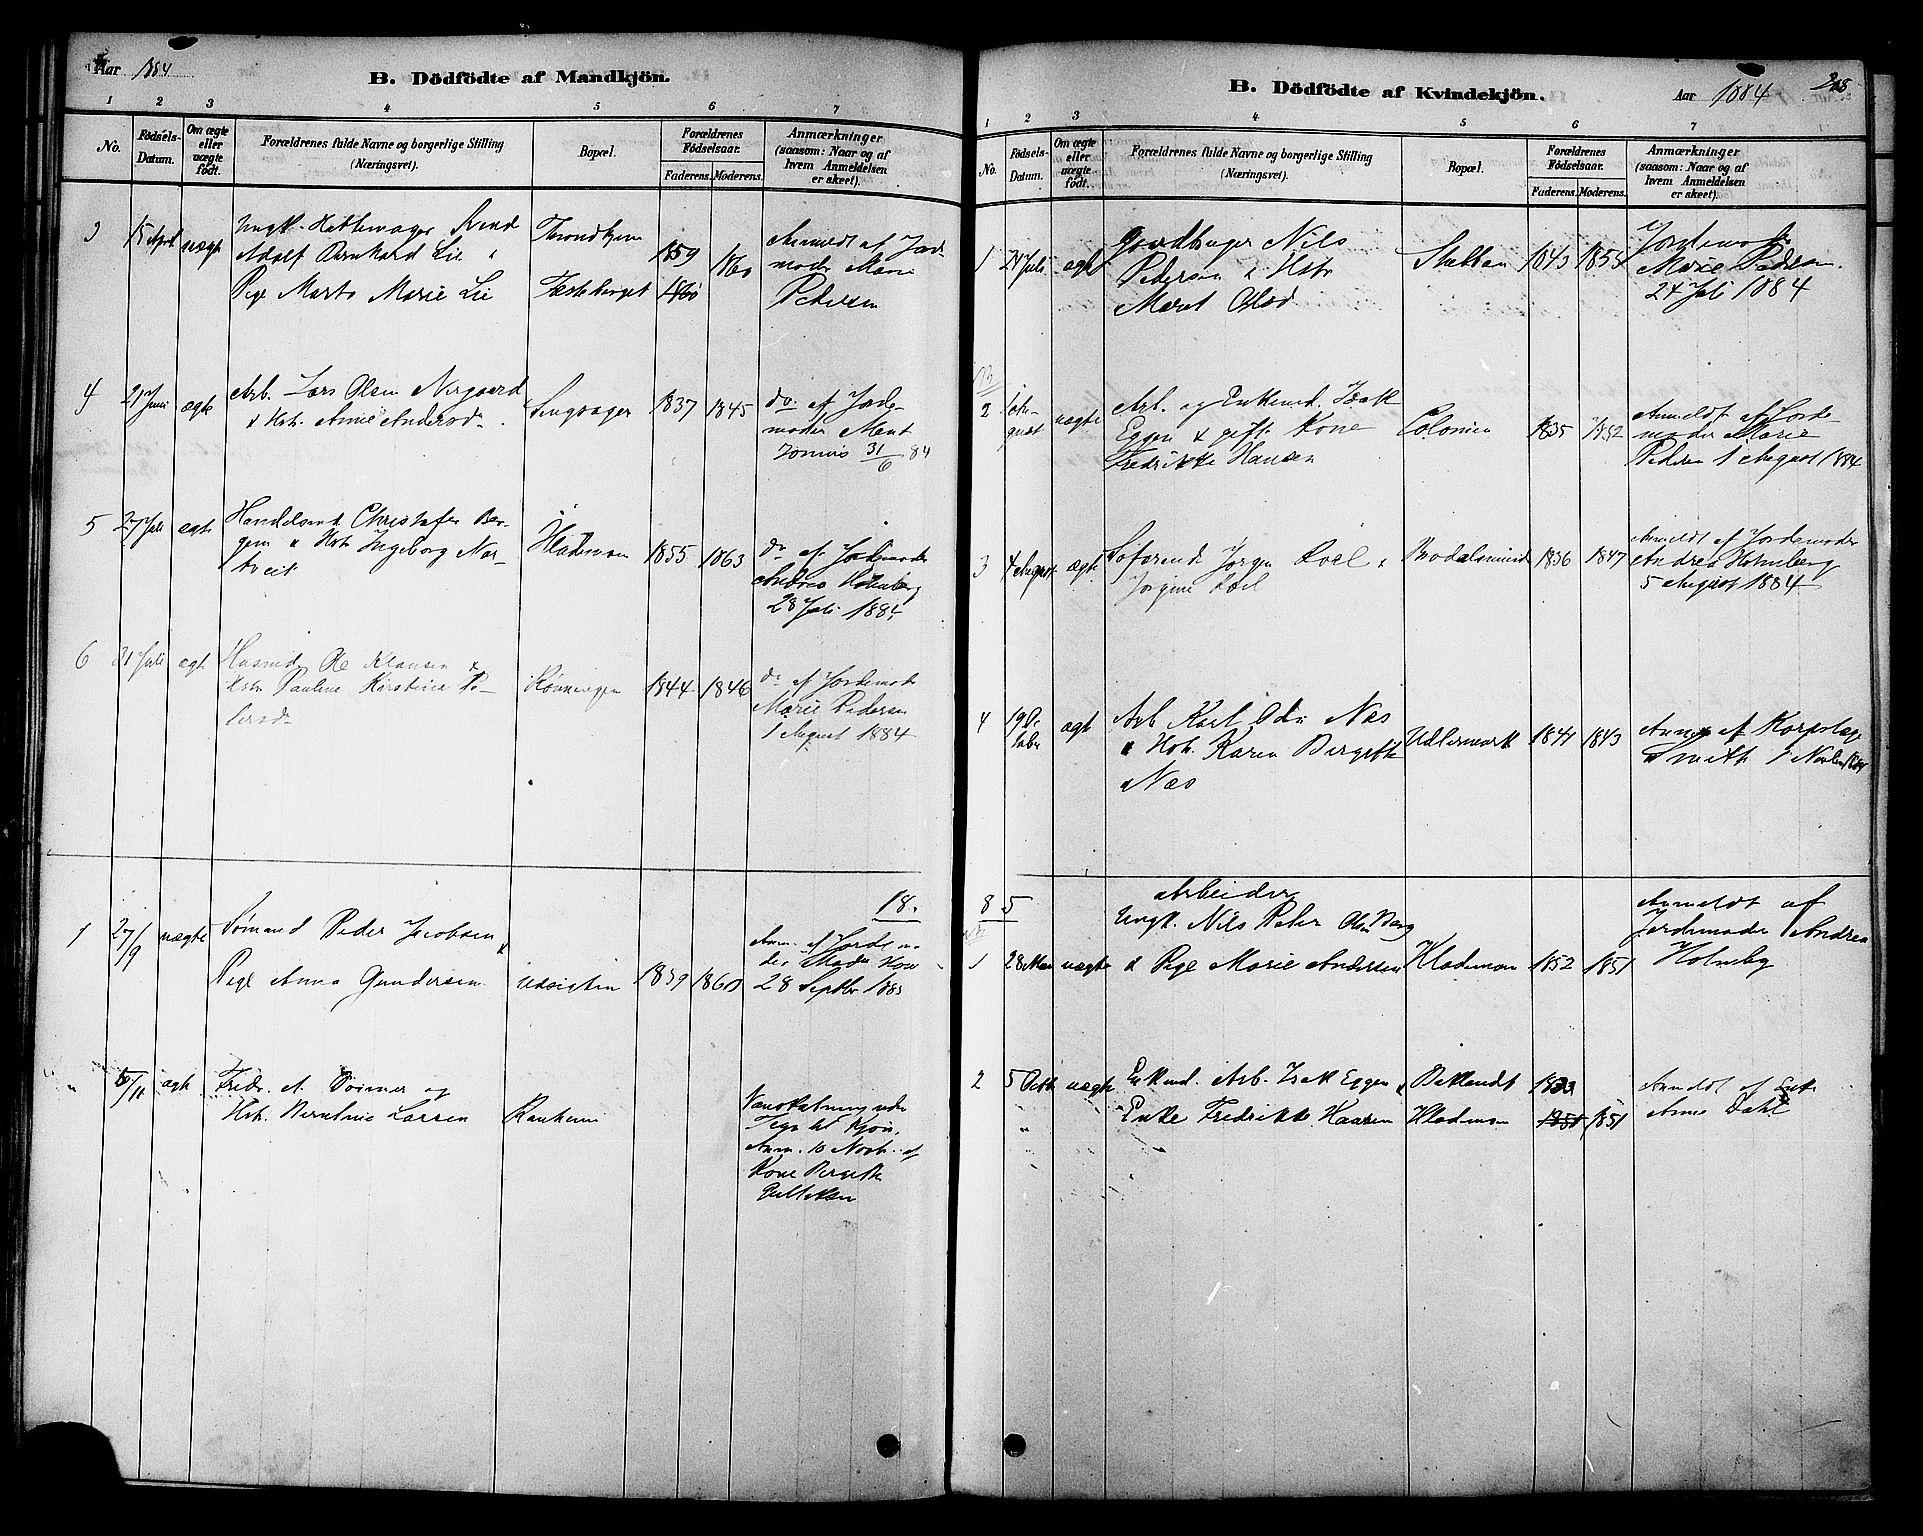 SAT, Ministerialprotokoller, klokkerbøker og fødselsregistre - Sør-Trøndelag, 606/L0294: Ministerialbok nr. 606A09, 1878-1886, s. 208